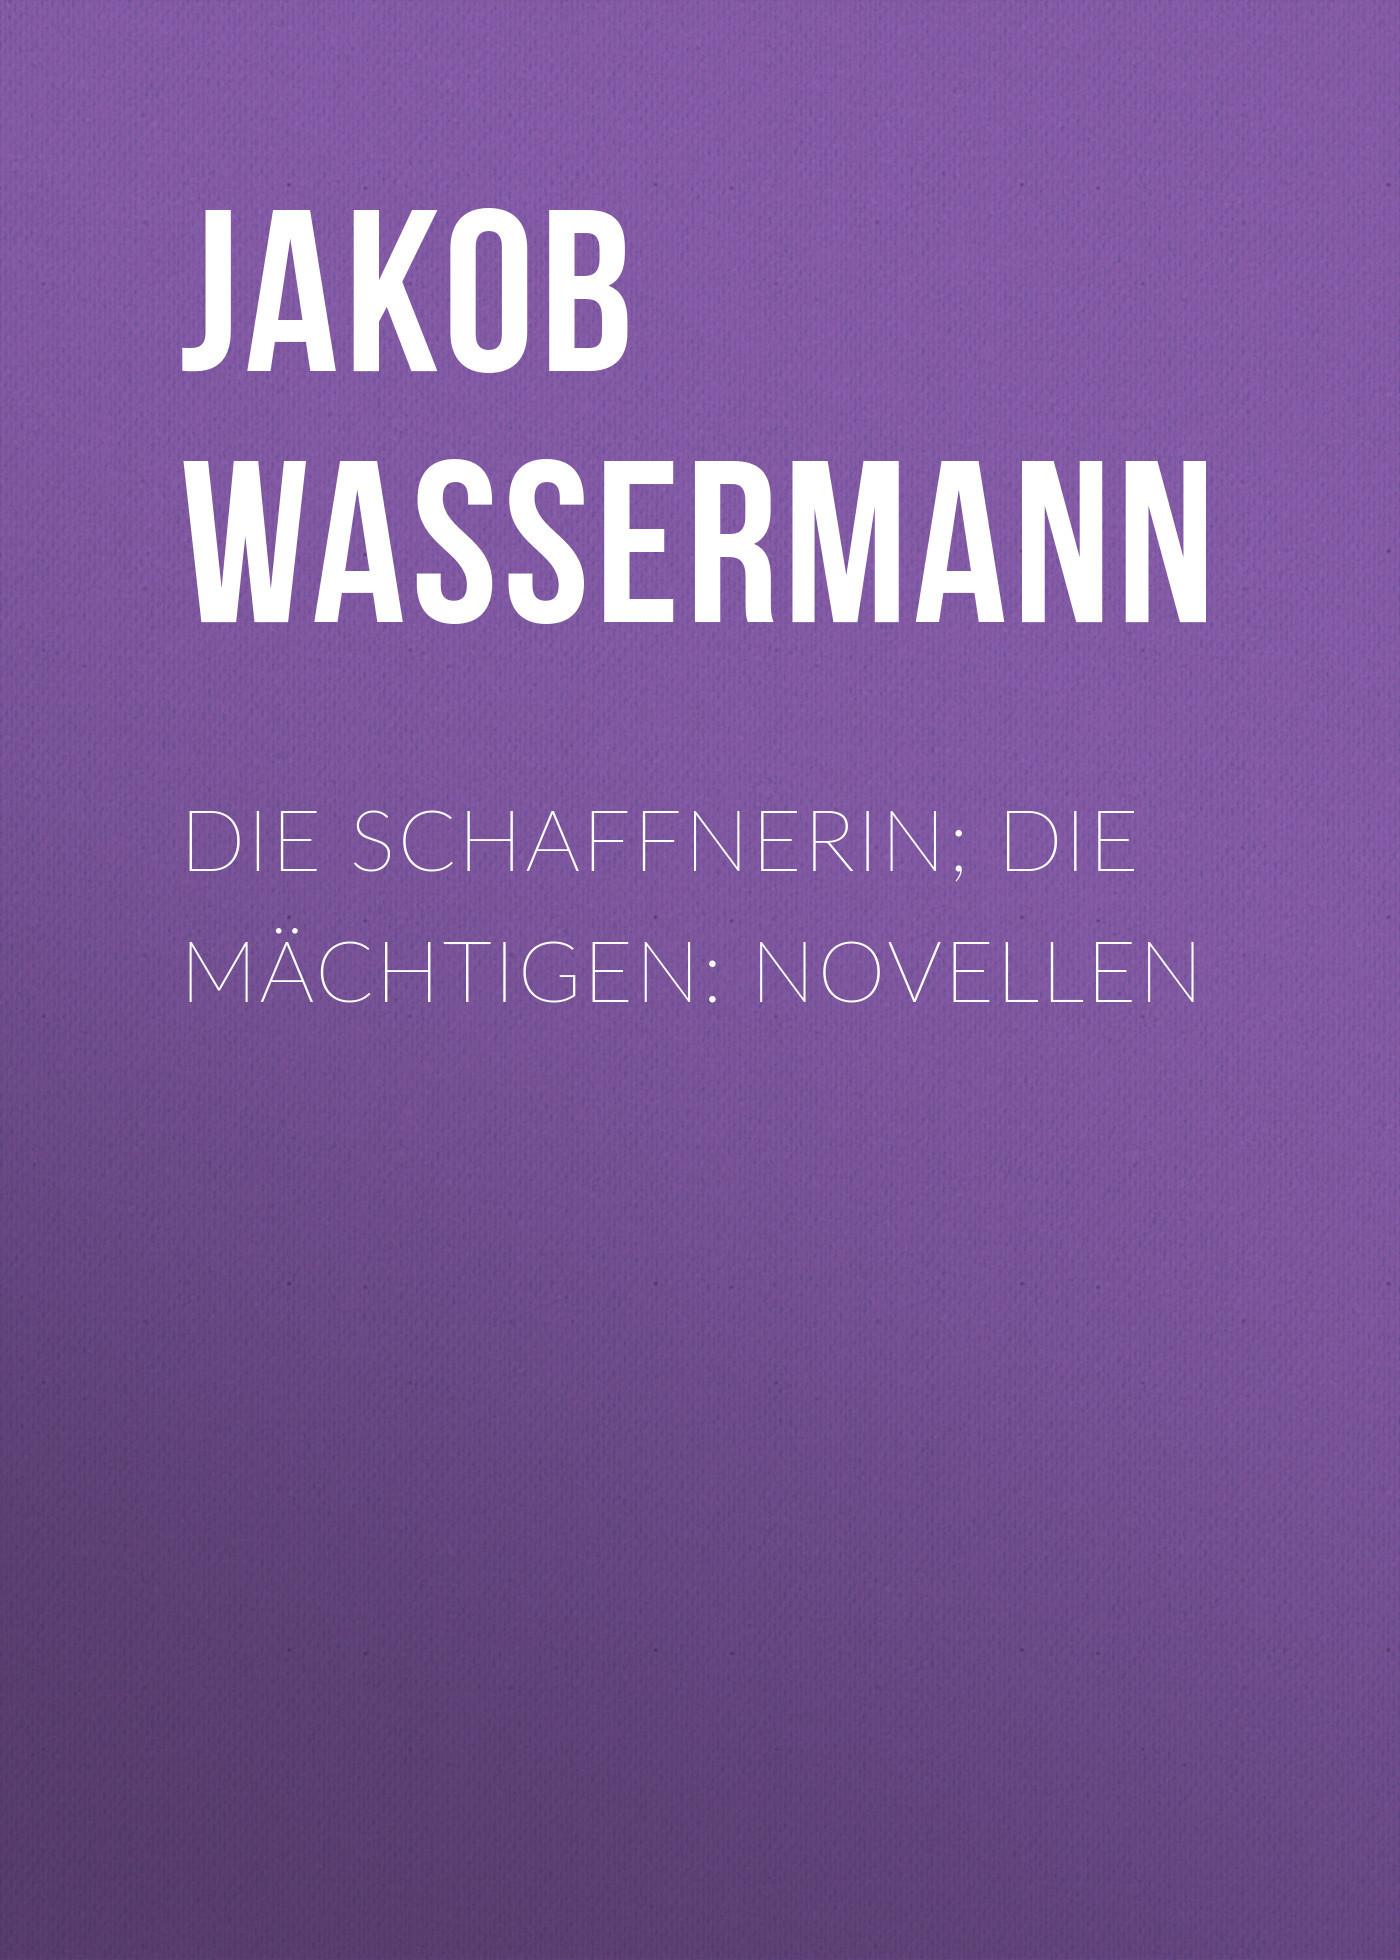 Jakob Wassermann Die Schaffnerin; Die Mächtigen: Novellen цена